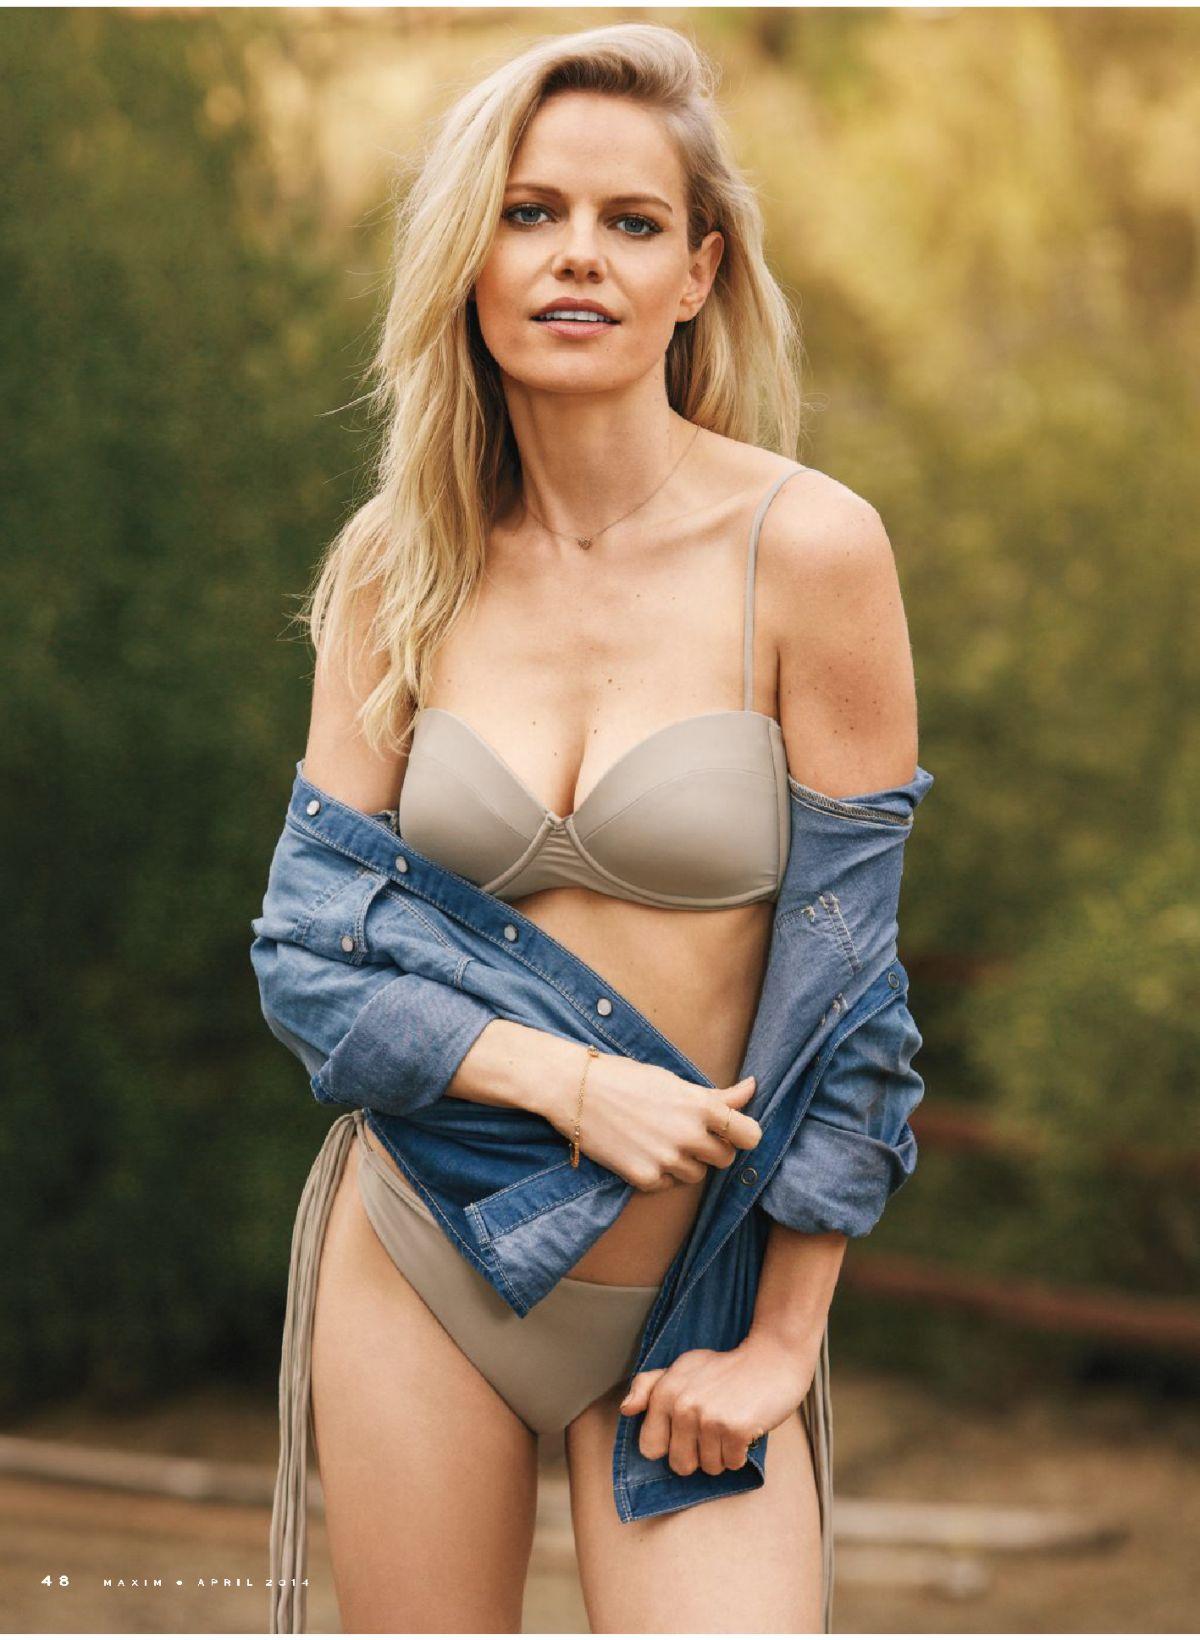 MIRCEA MONROE in Maxim Magazine, April 2014 Issue